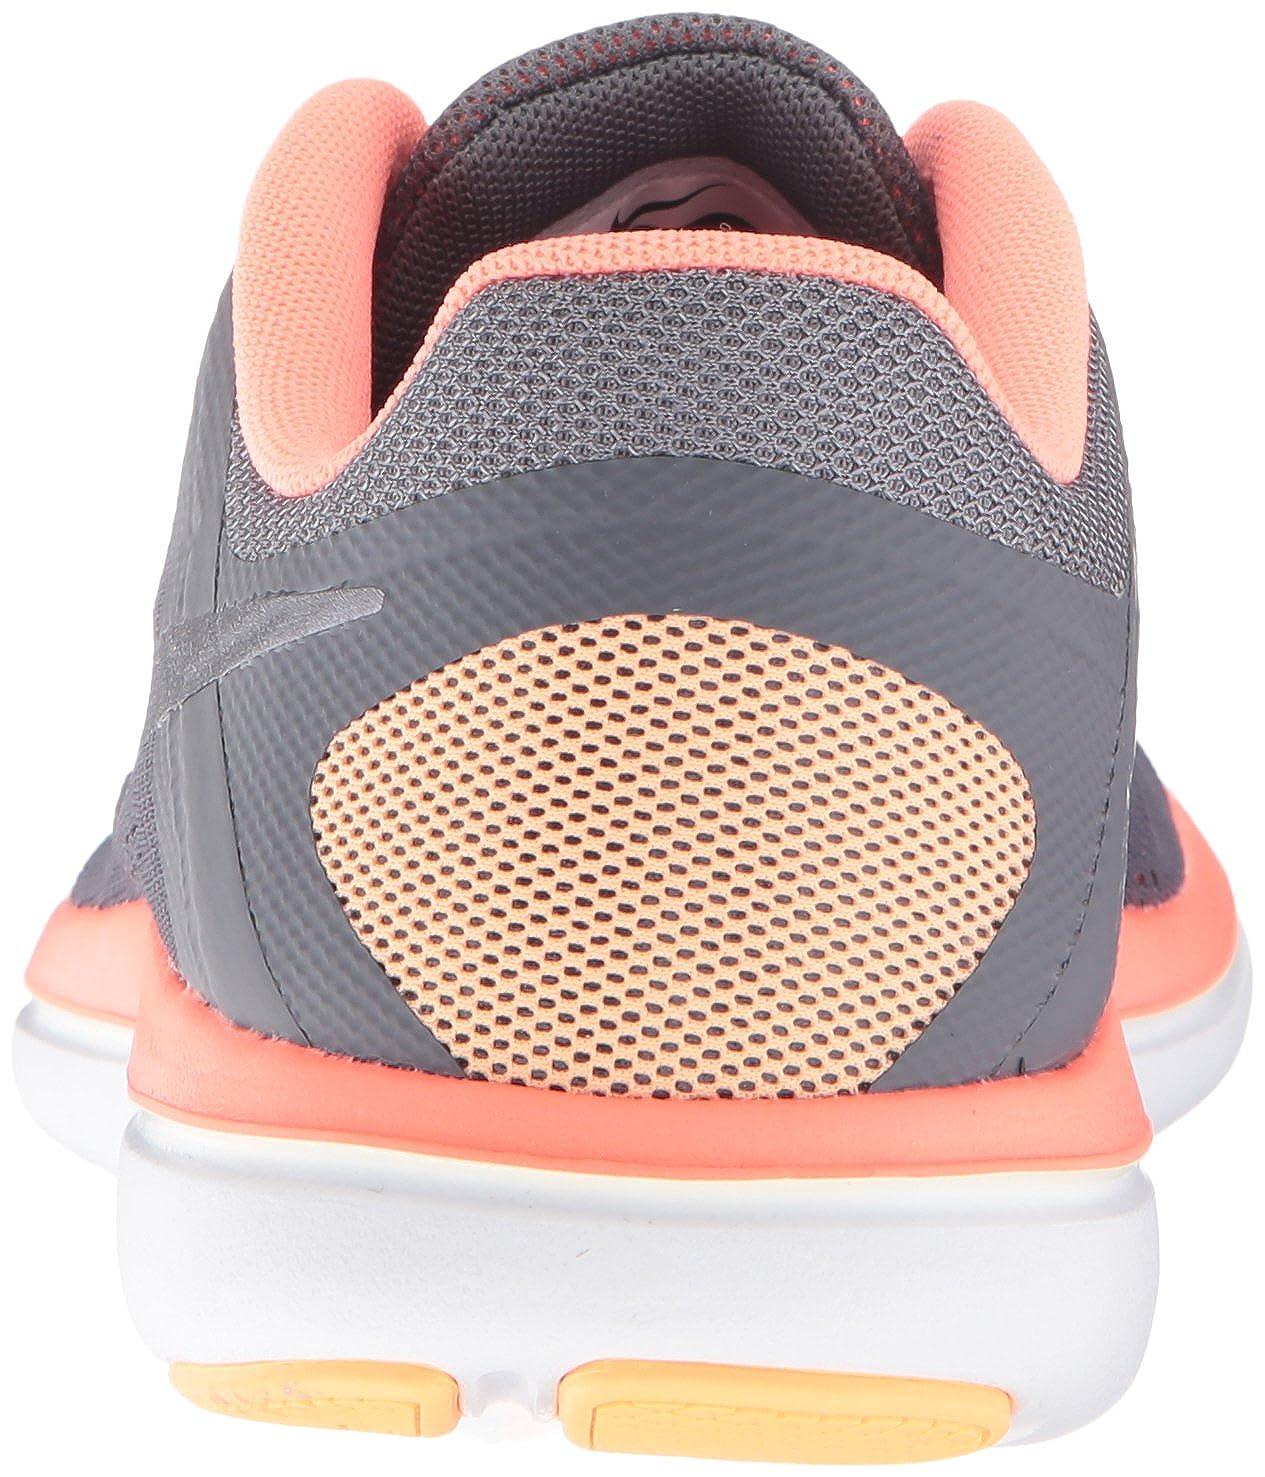 homme / femme de nike dame en saison chaussures tr aptitude chaussures saison de sport allemand bb14043 hab ilitation point s prix des couleurs vives 2acb33